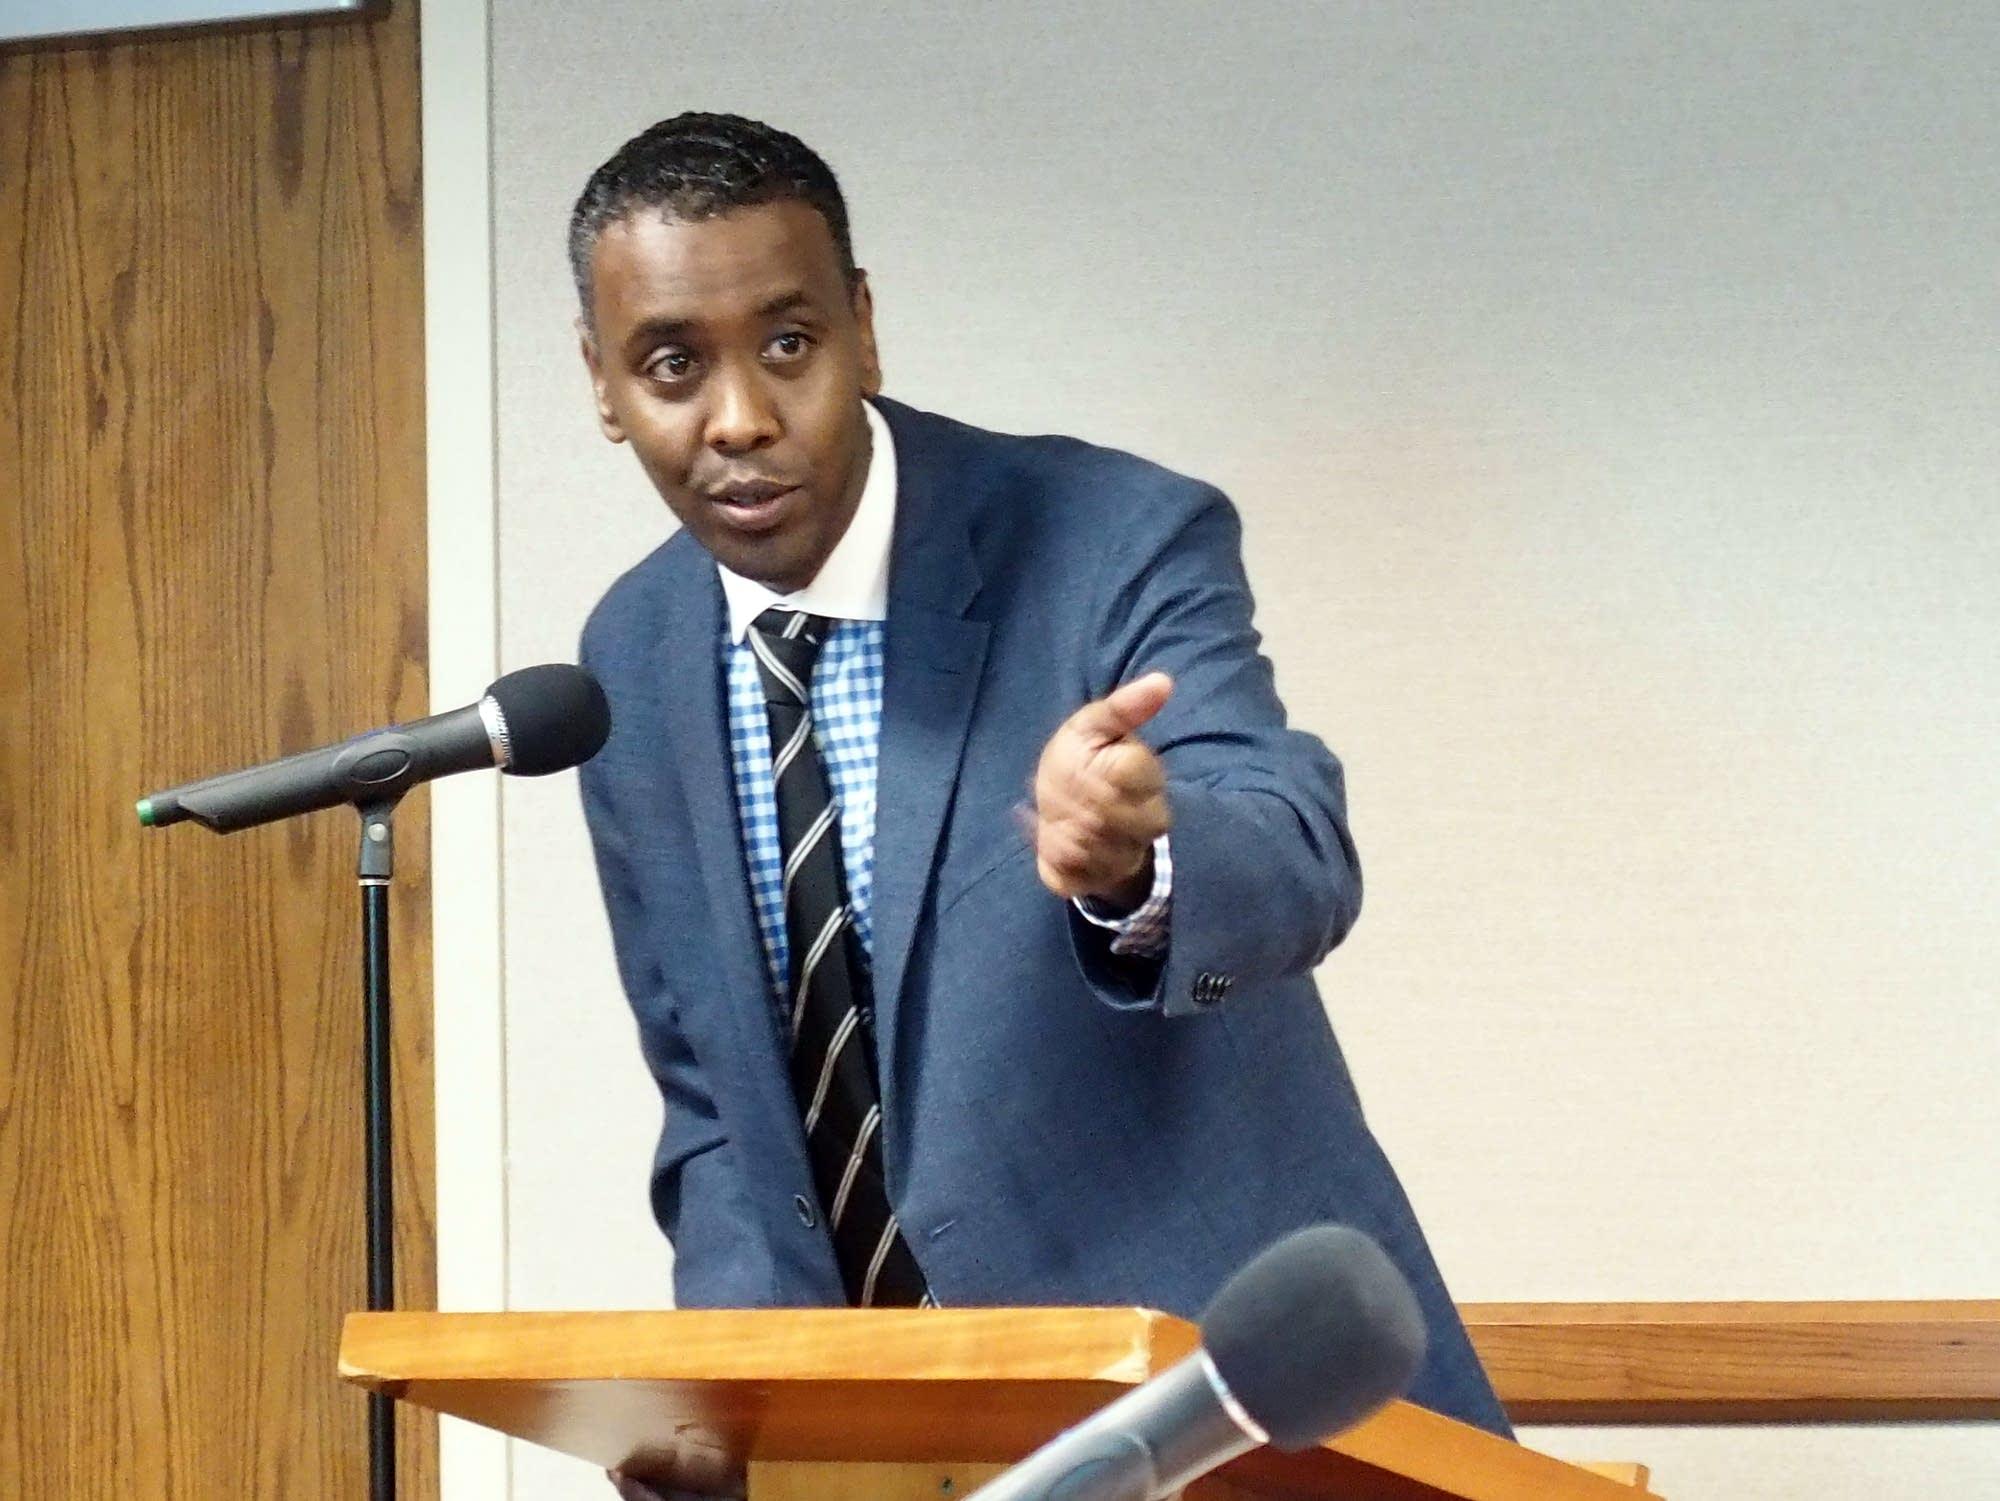 Minneapolis city council member Abdi Warsame